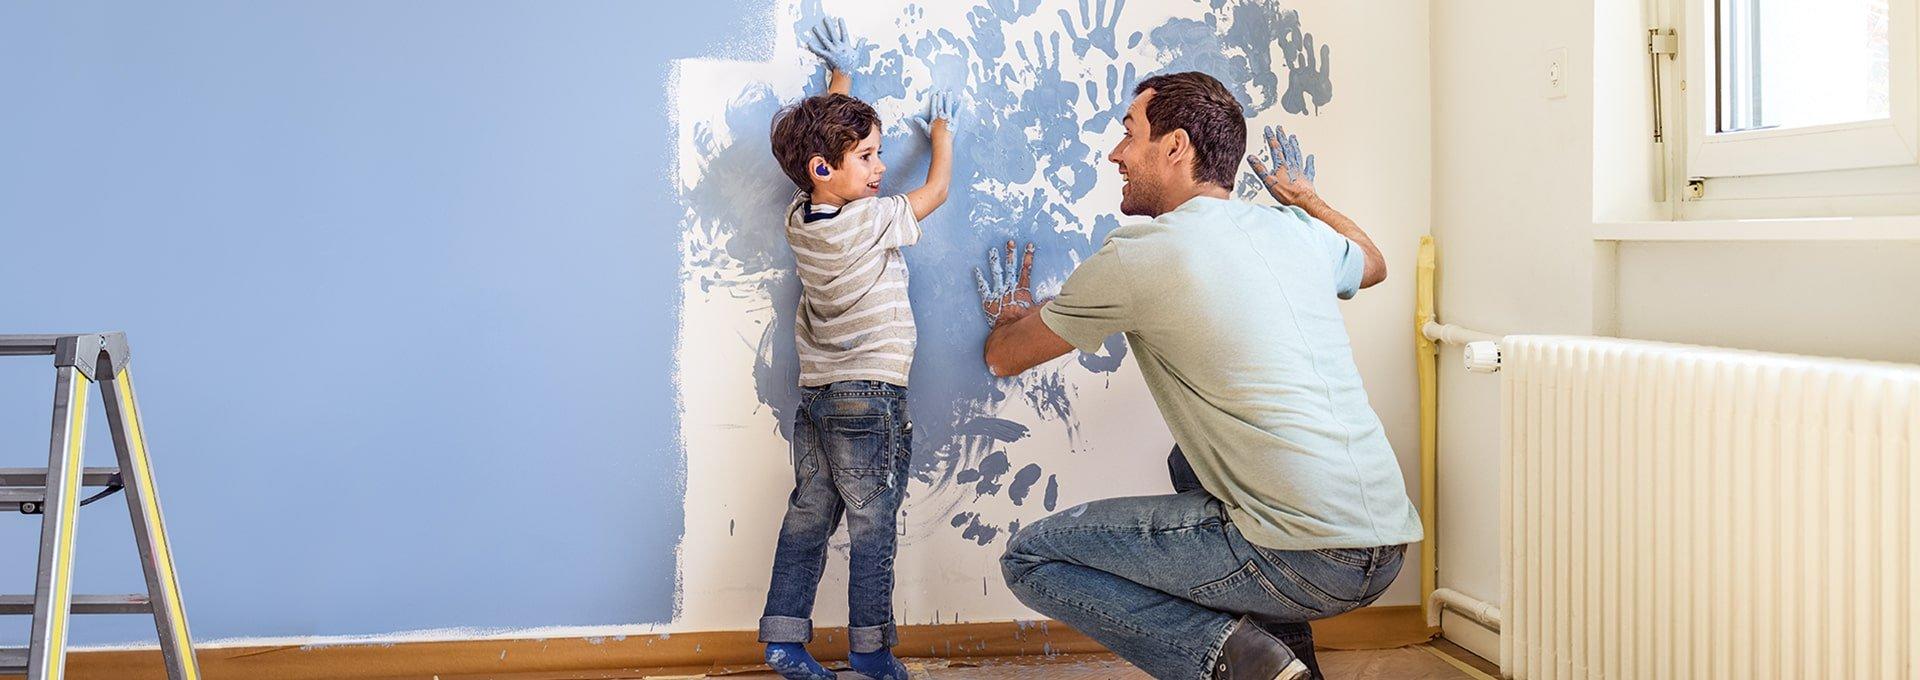 Padre e figlio con gli apparecchi acustici Super Power Ultra Power di Bernafon dipinge un muro e spontaneamente aggiunge le impronte delle mani.